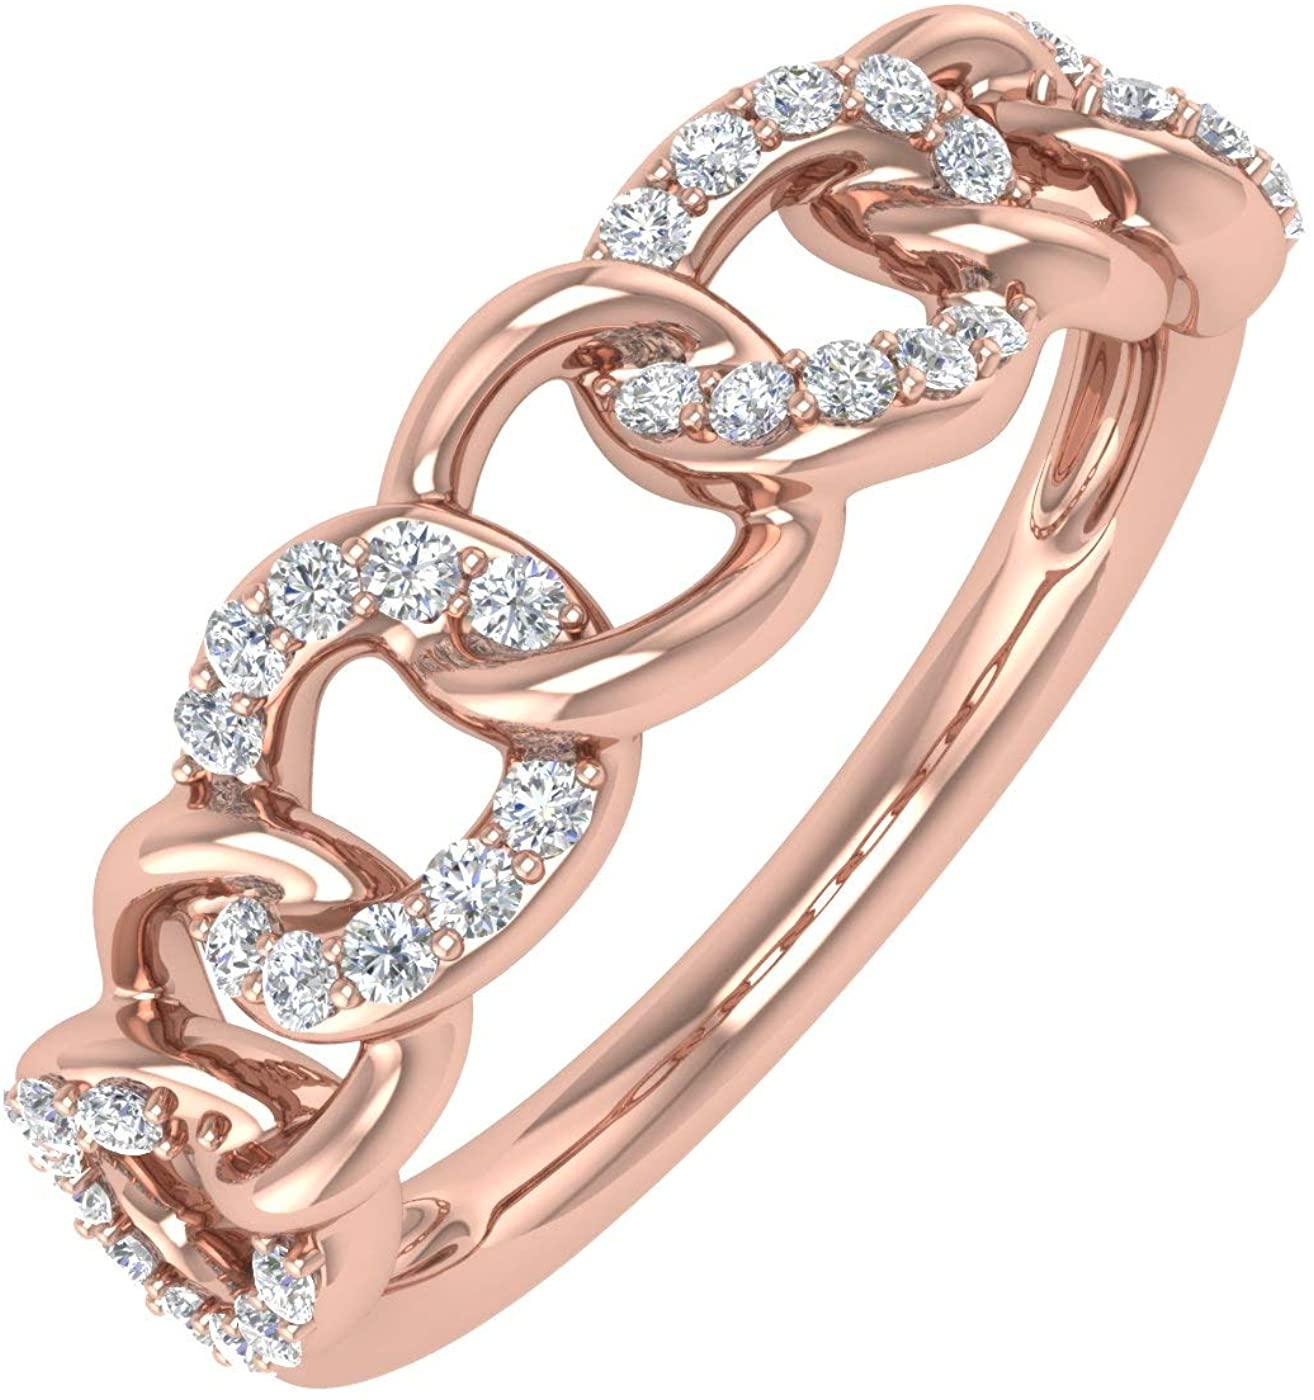 1/4 Carat Diamond Wedding Band Ring in 10K Gold